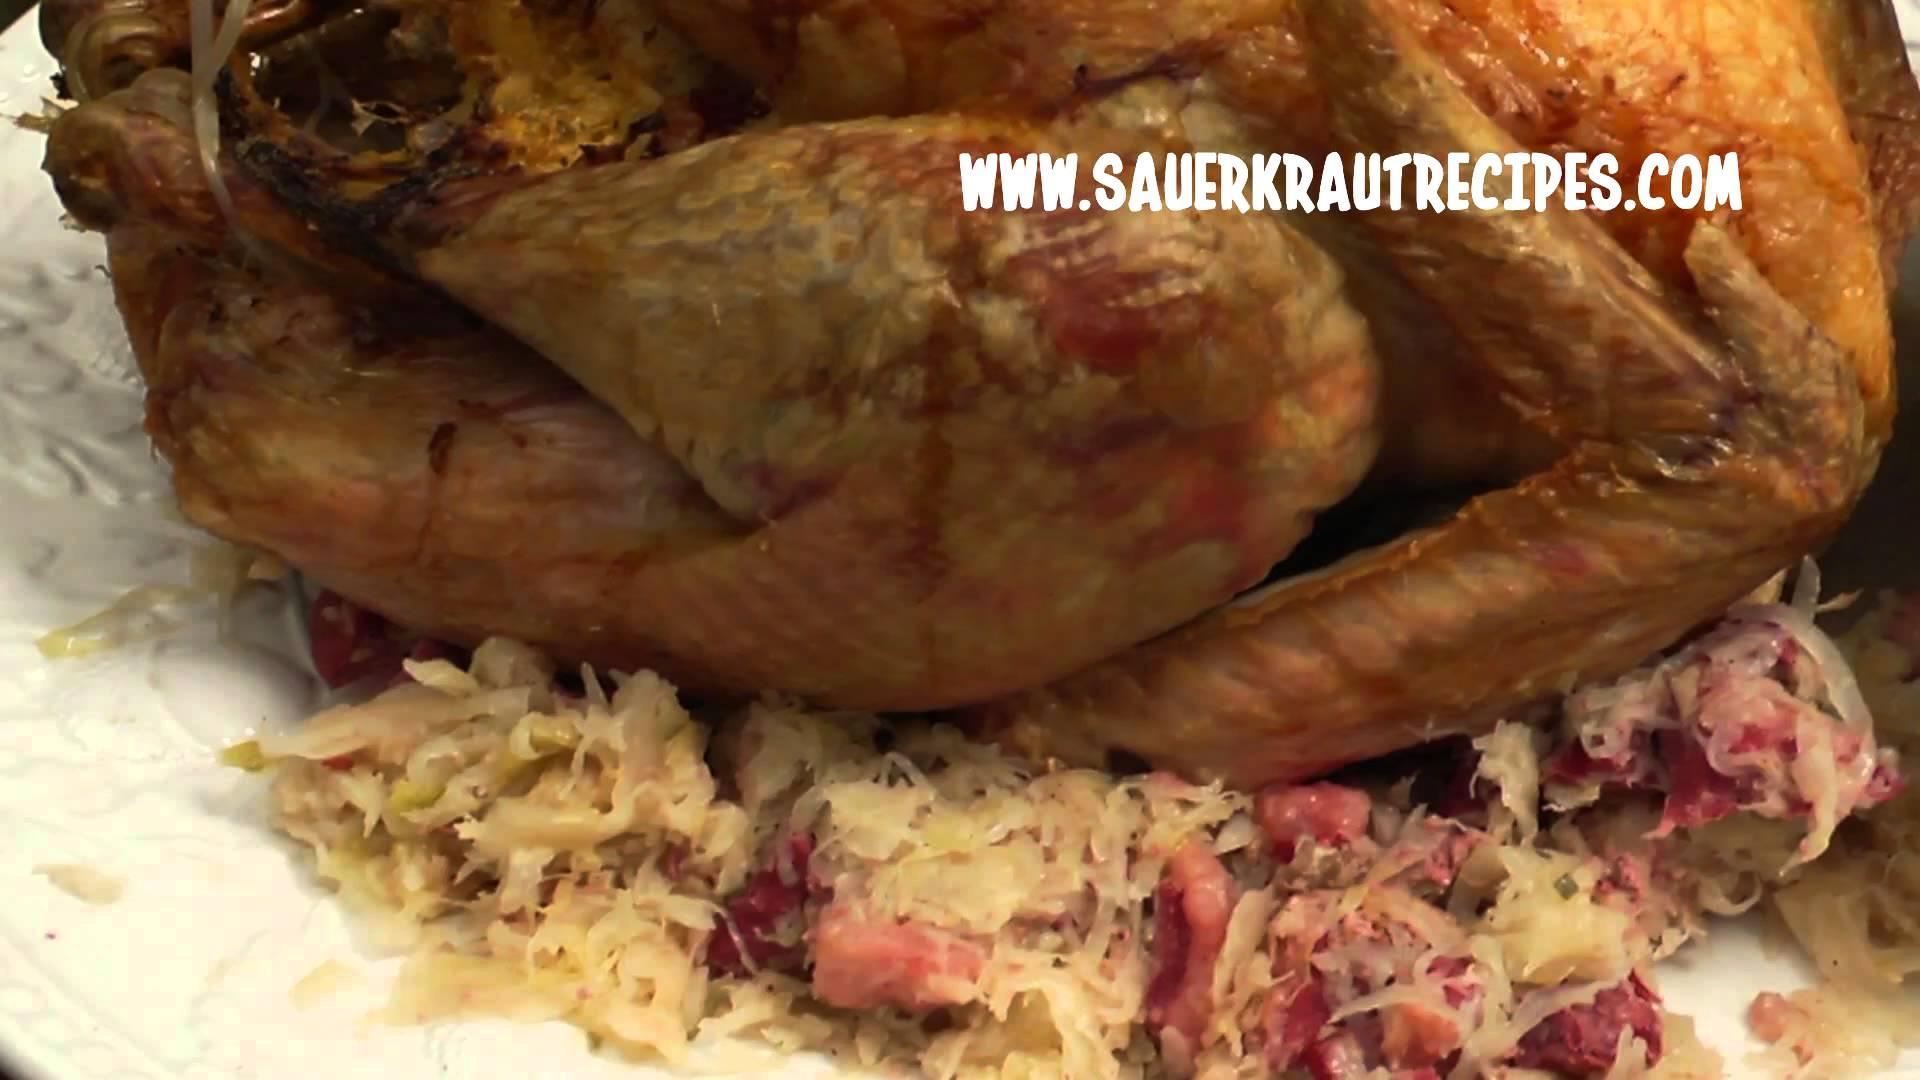 Frank-Kraut-Reuben-Stuffed-Turkey